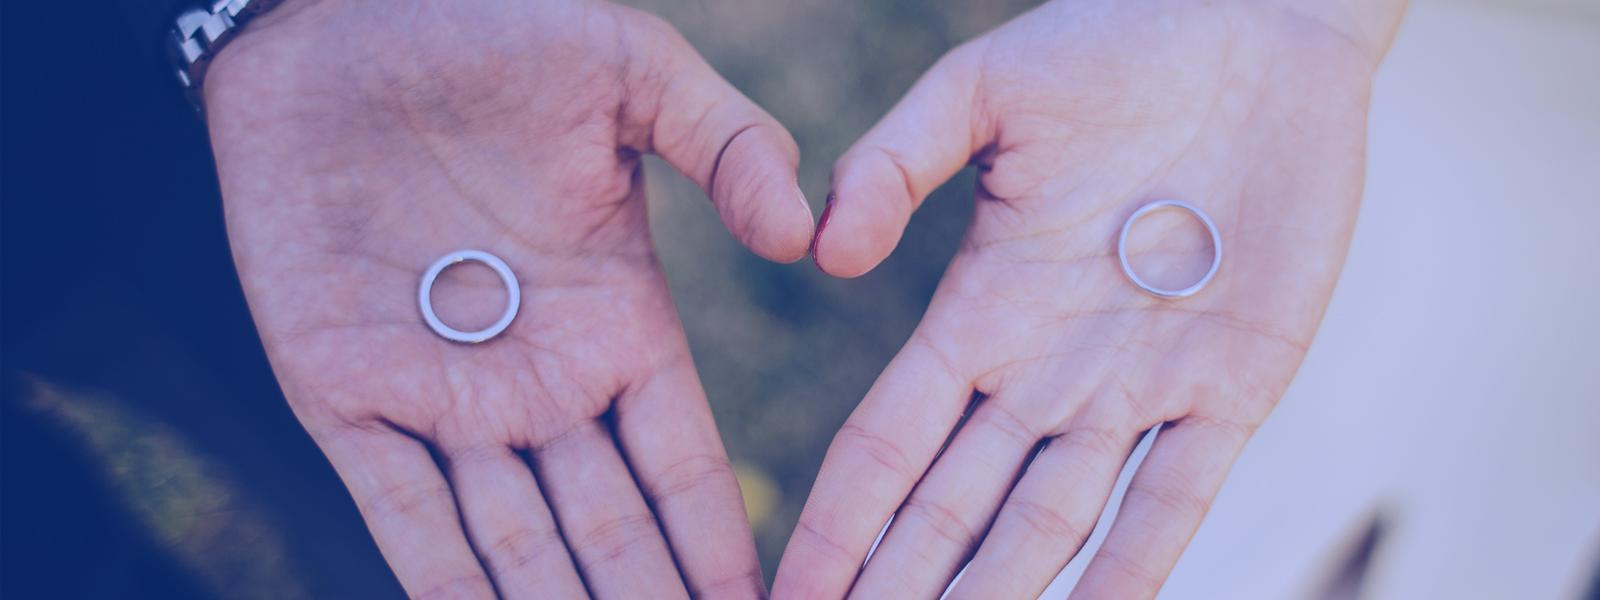 Cinsellik Bitince Evlilik Biter mi?